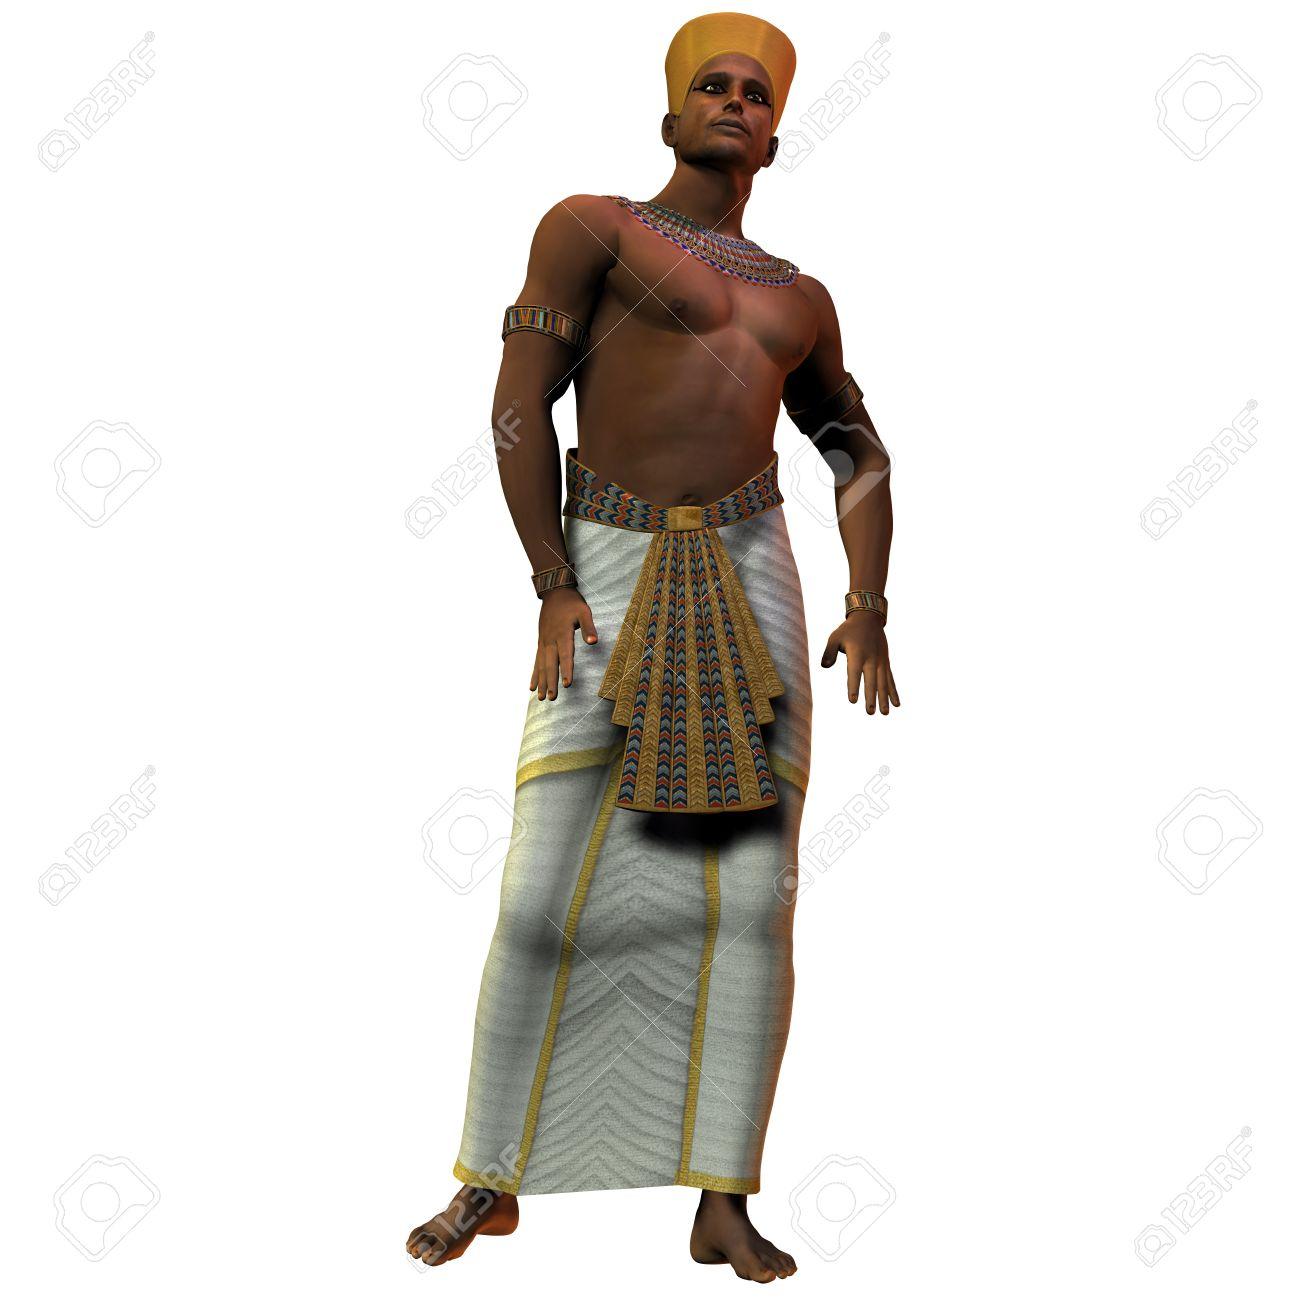 エジプト男性 01 - エジプトの男...